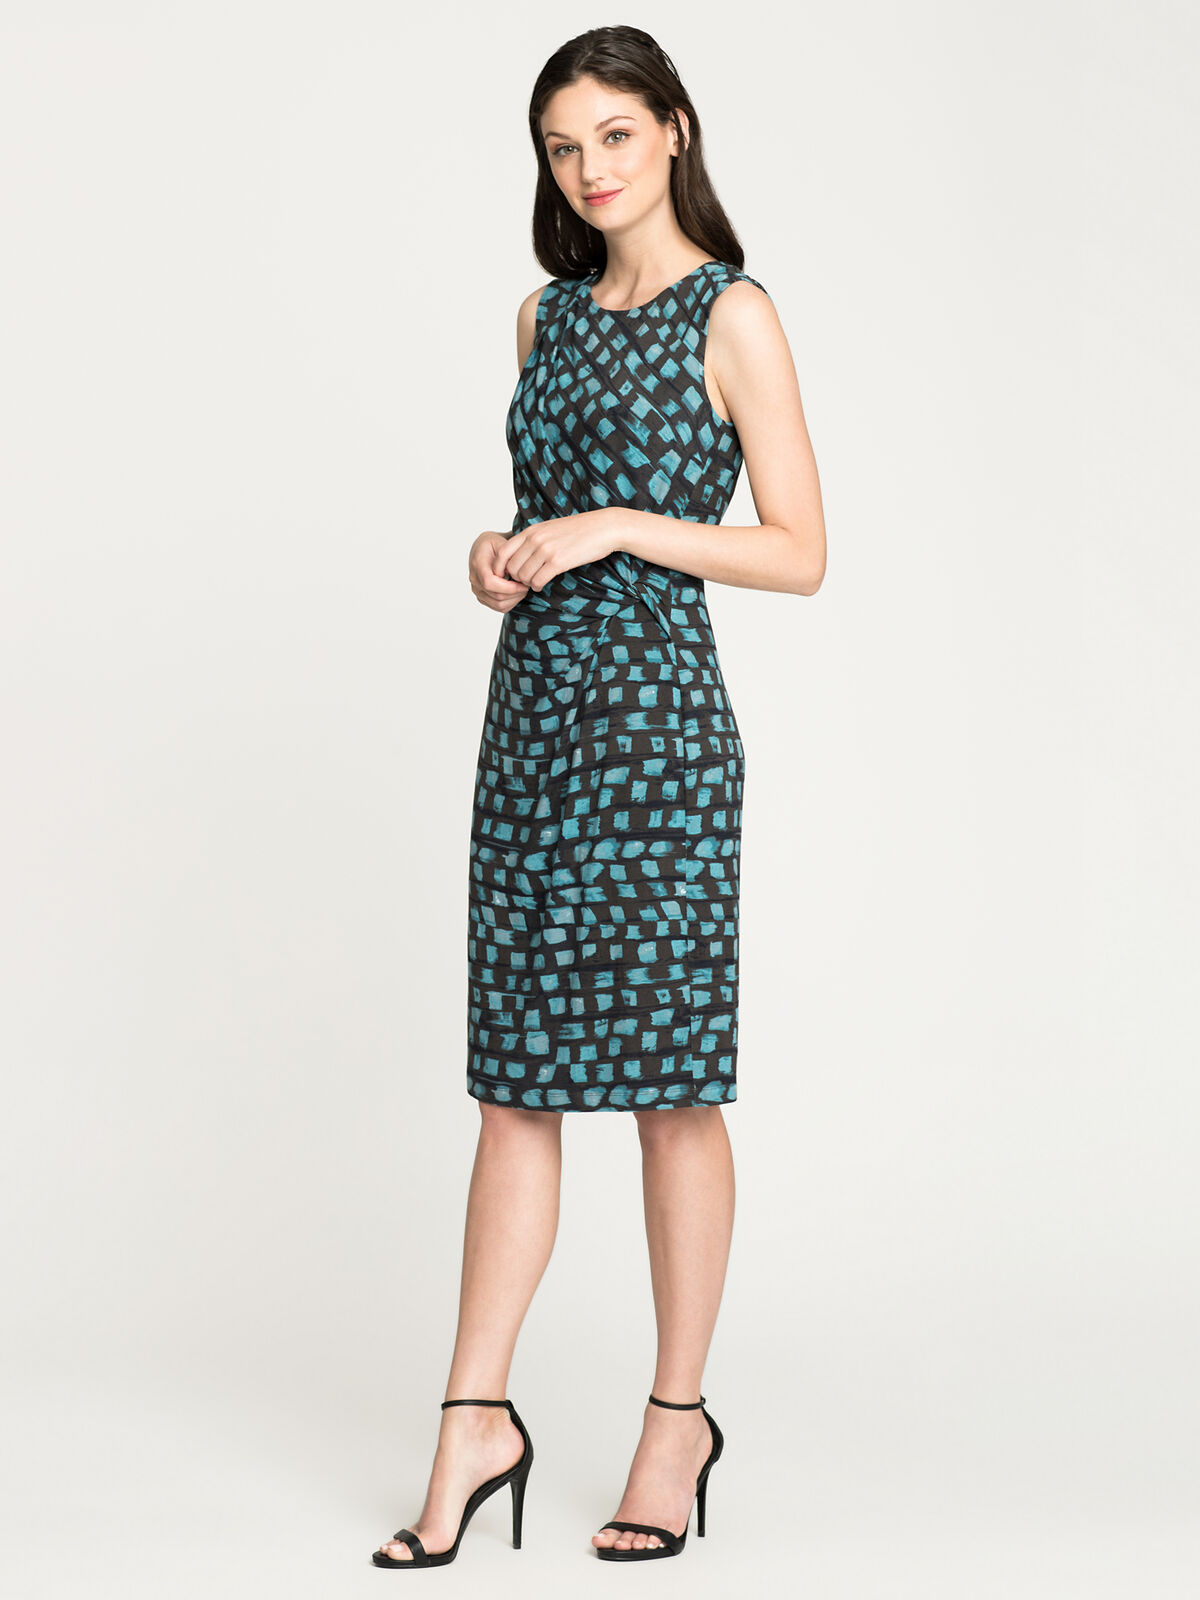 Vivid Twist Dress